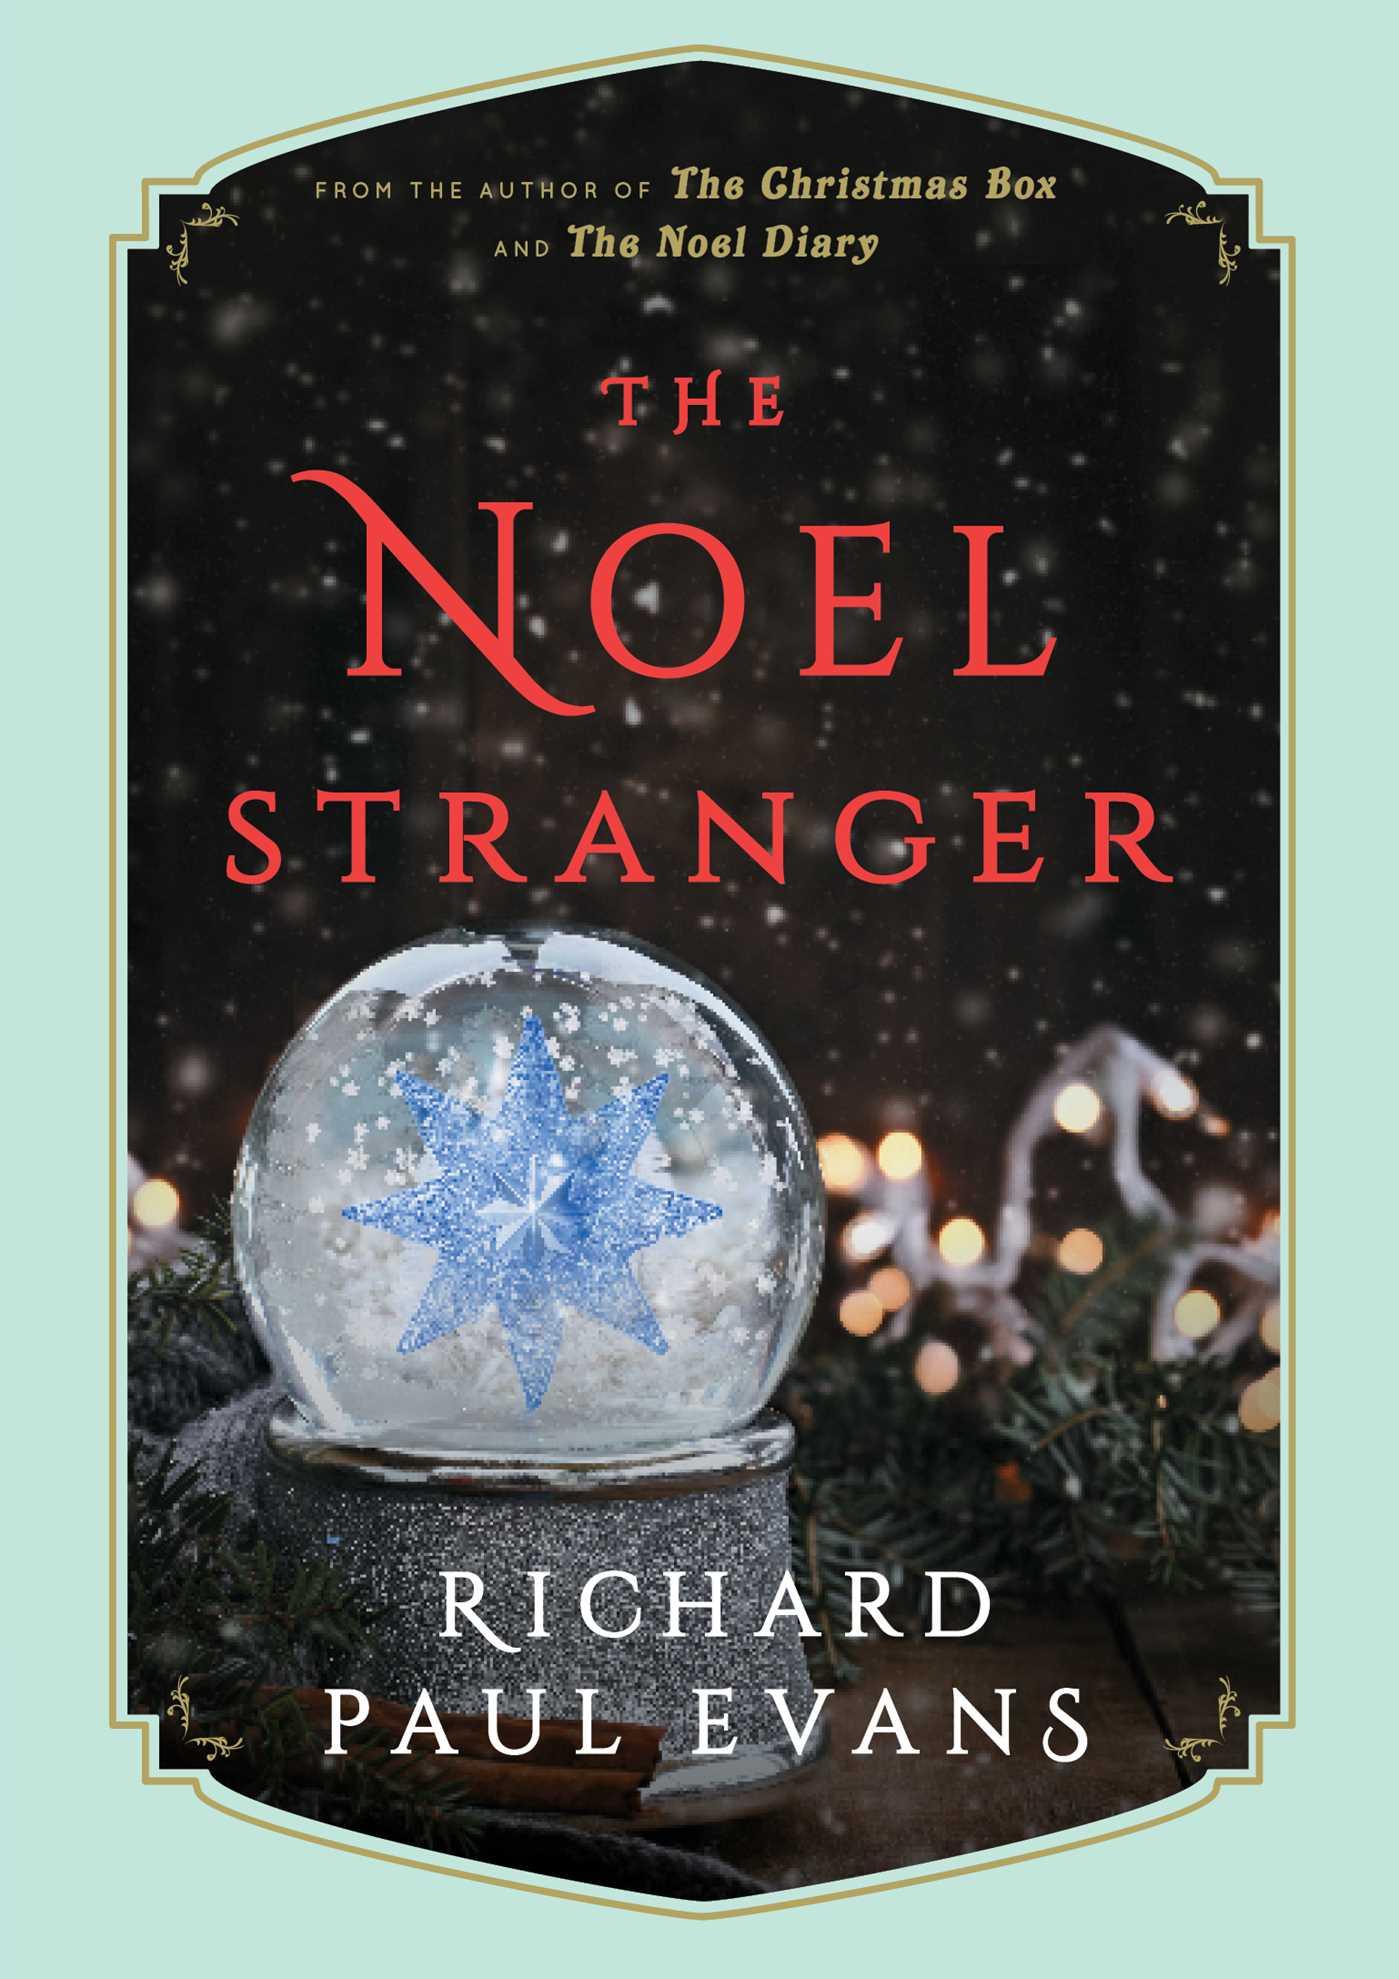 The noel stranger cover image